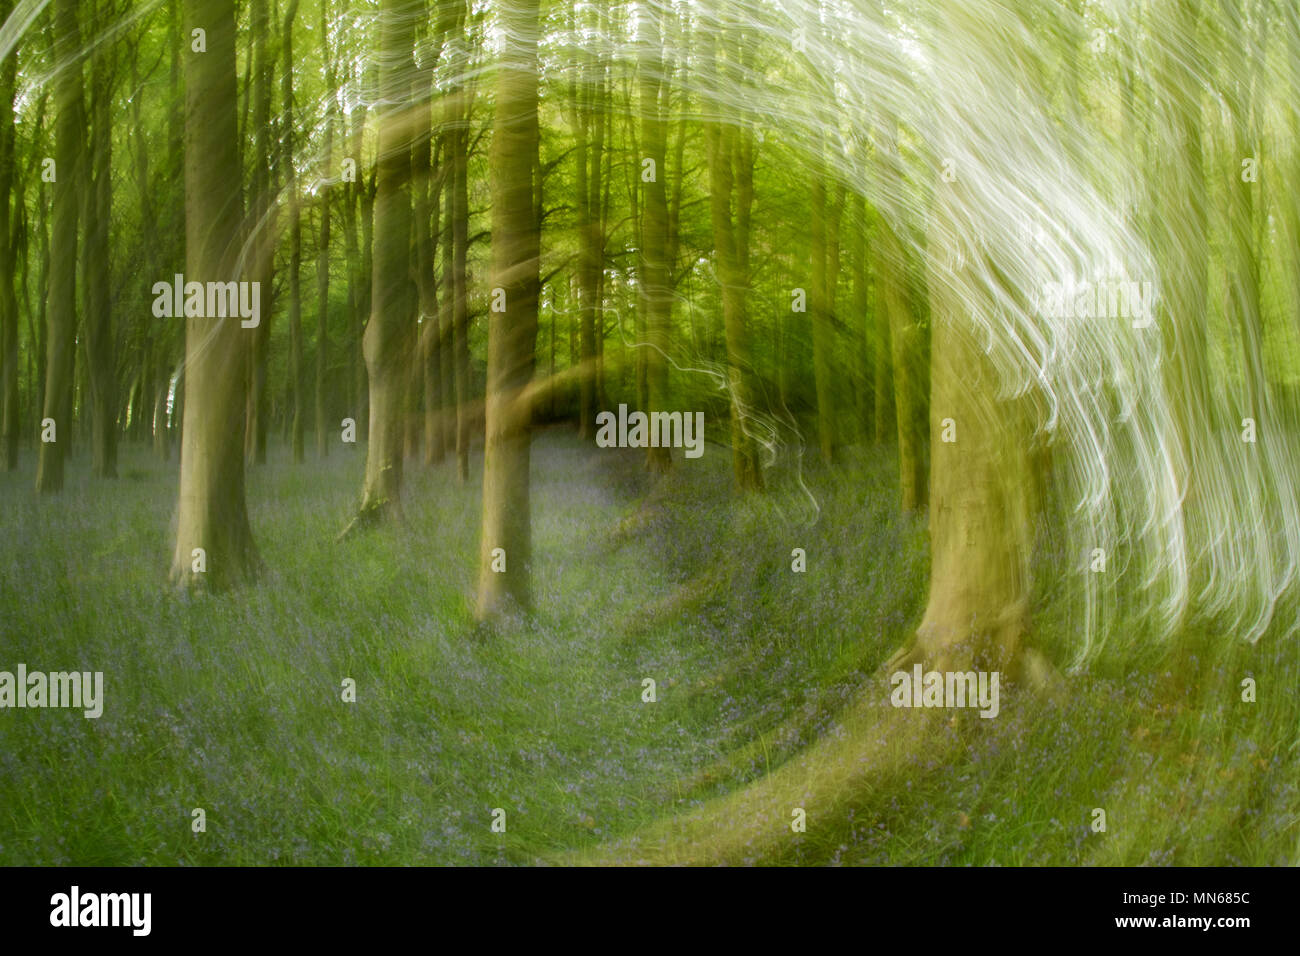 Luce di vorticazione percorsi su una scena di bosco Foto Stock